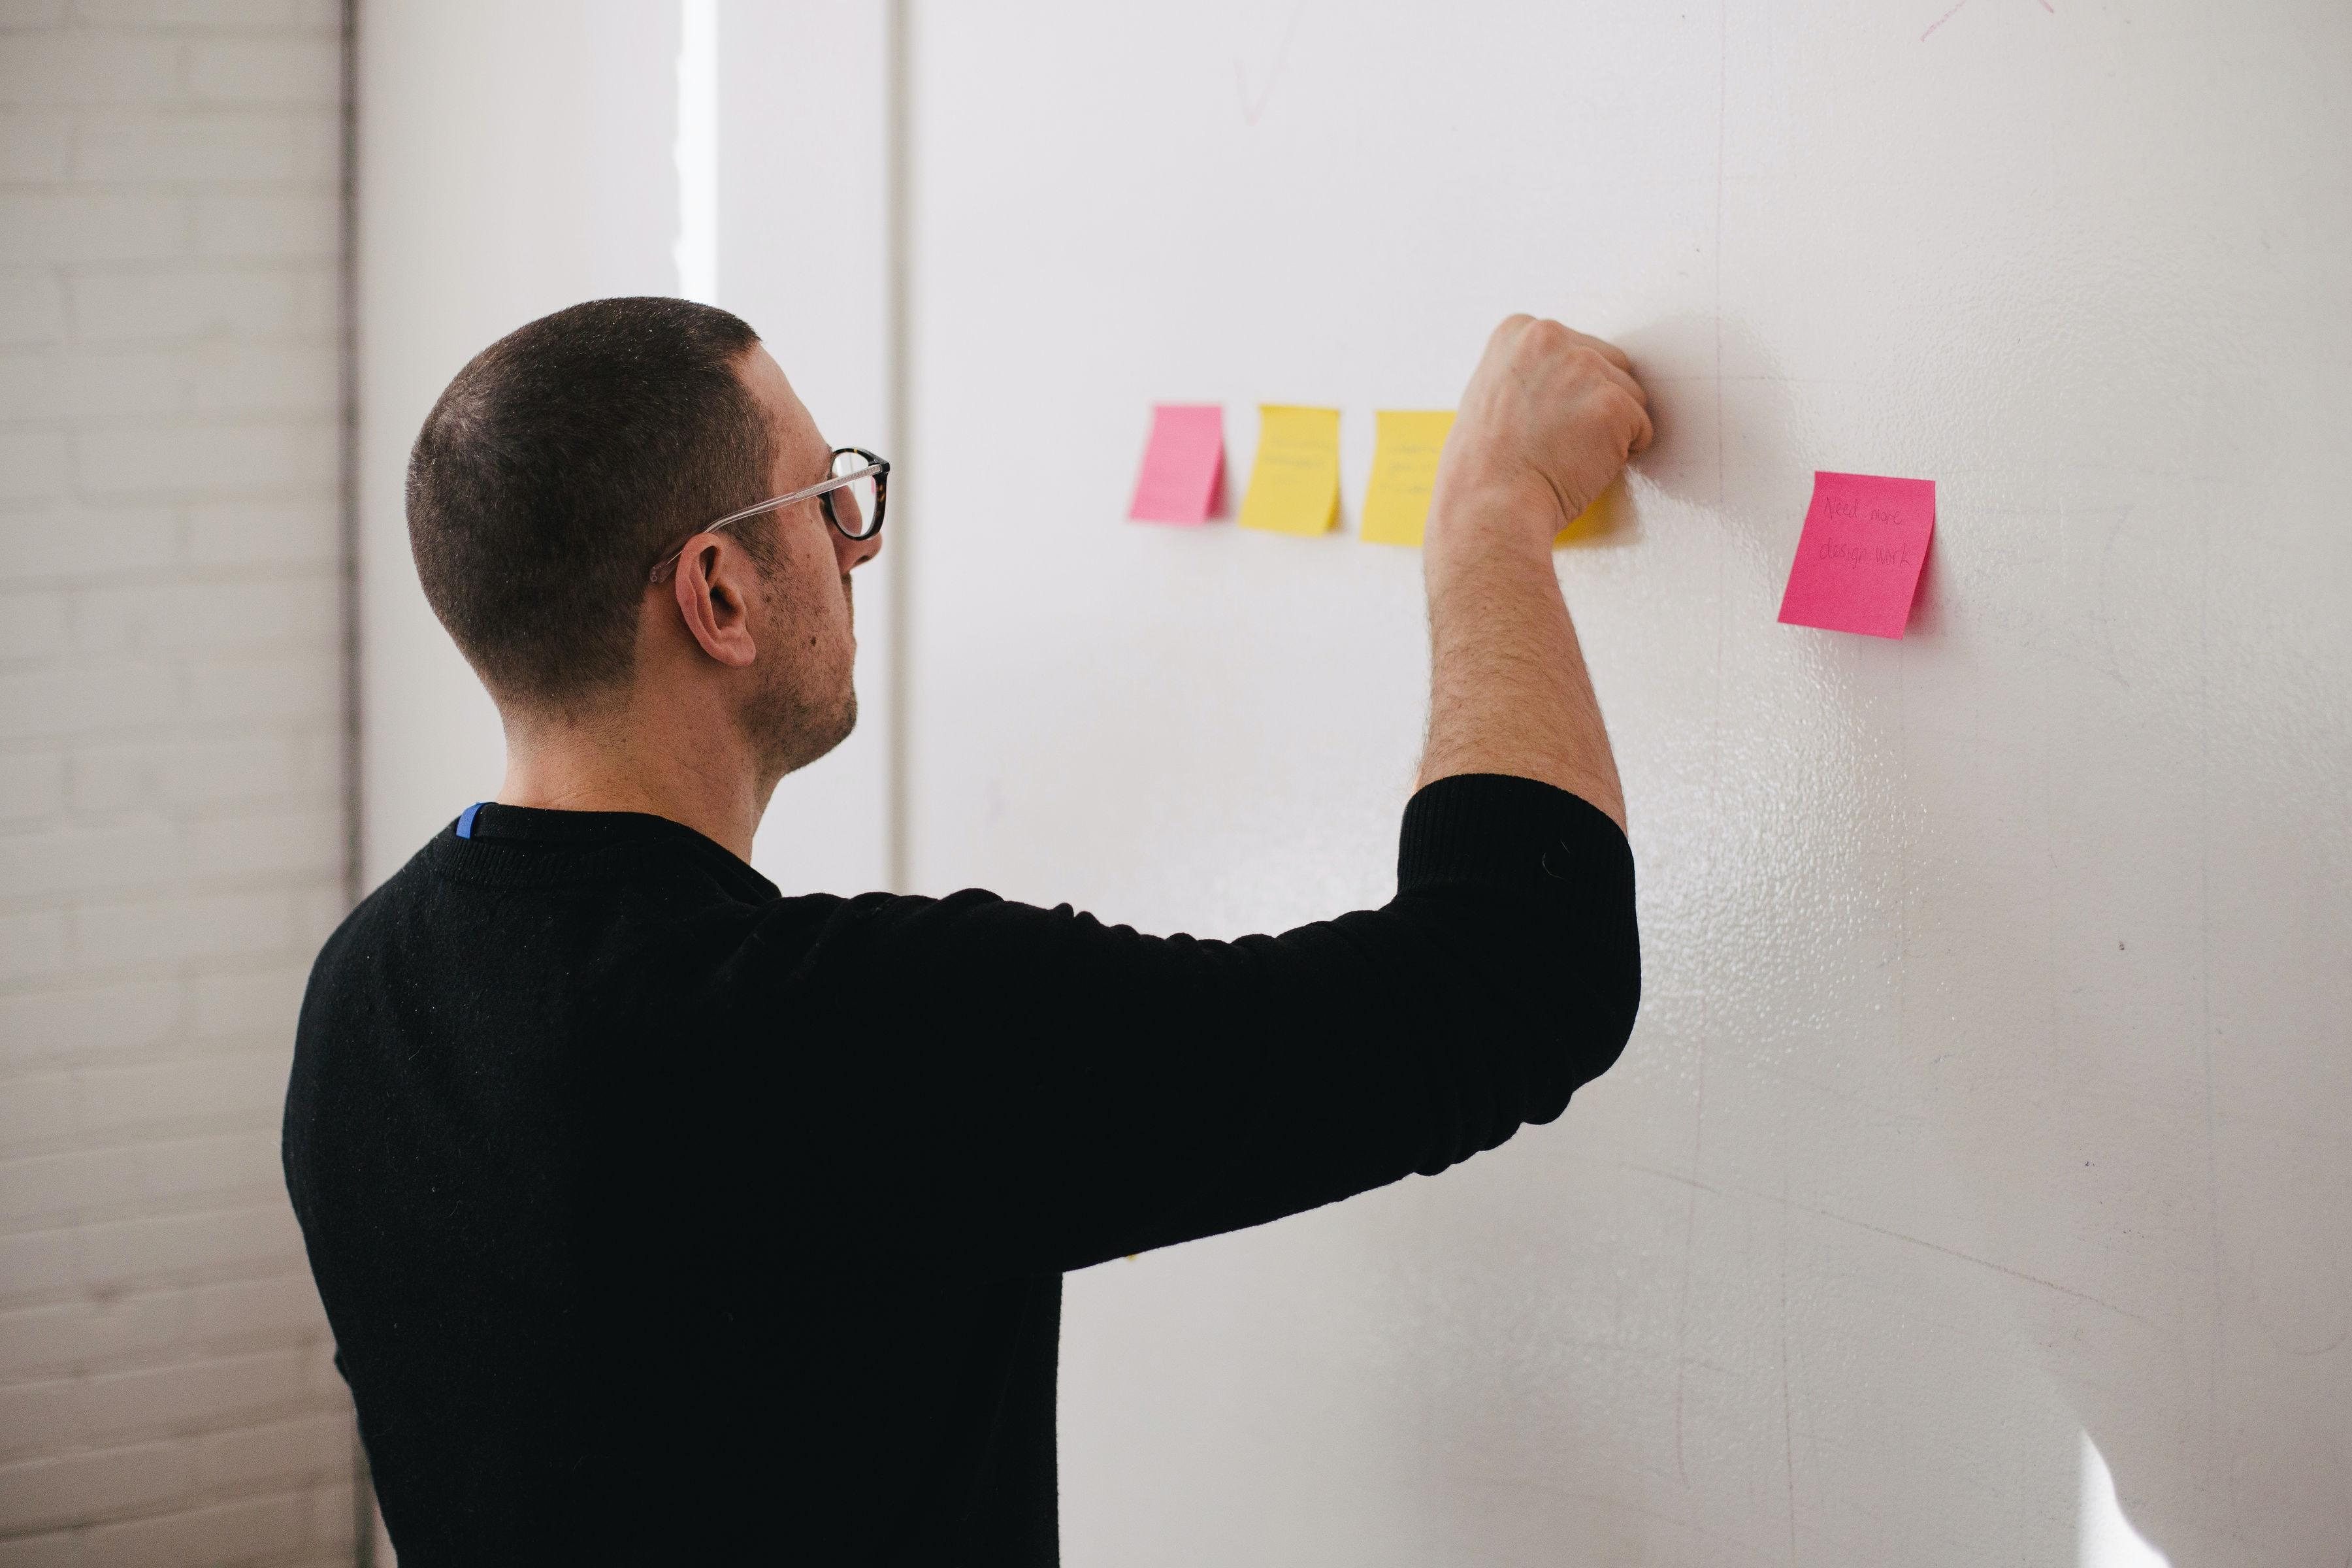 man-sticky-notes-whiteboard